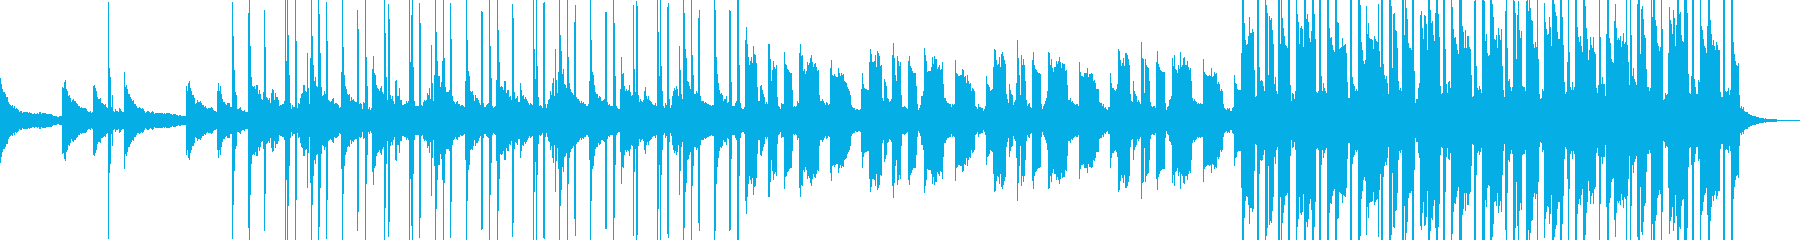 ロマン・ラブストーリー・トワイライトの再生済みの波形